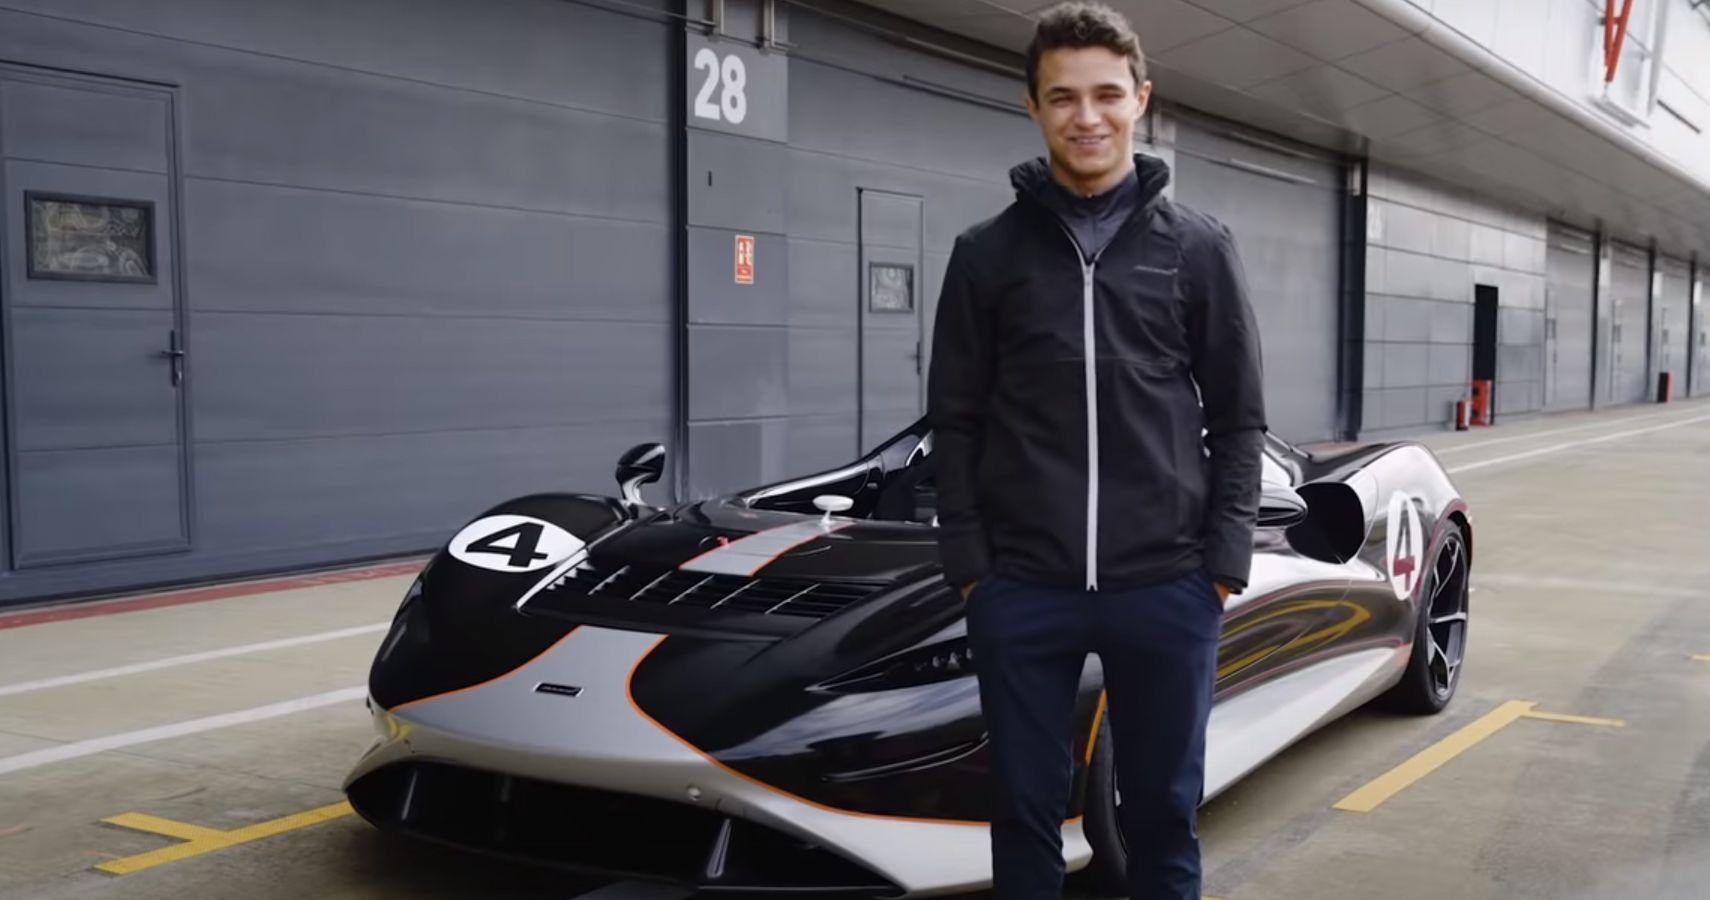 McLaren F1 Driver Lando Norris Tears Around Track In New Elva